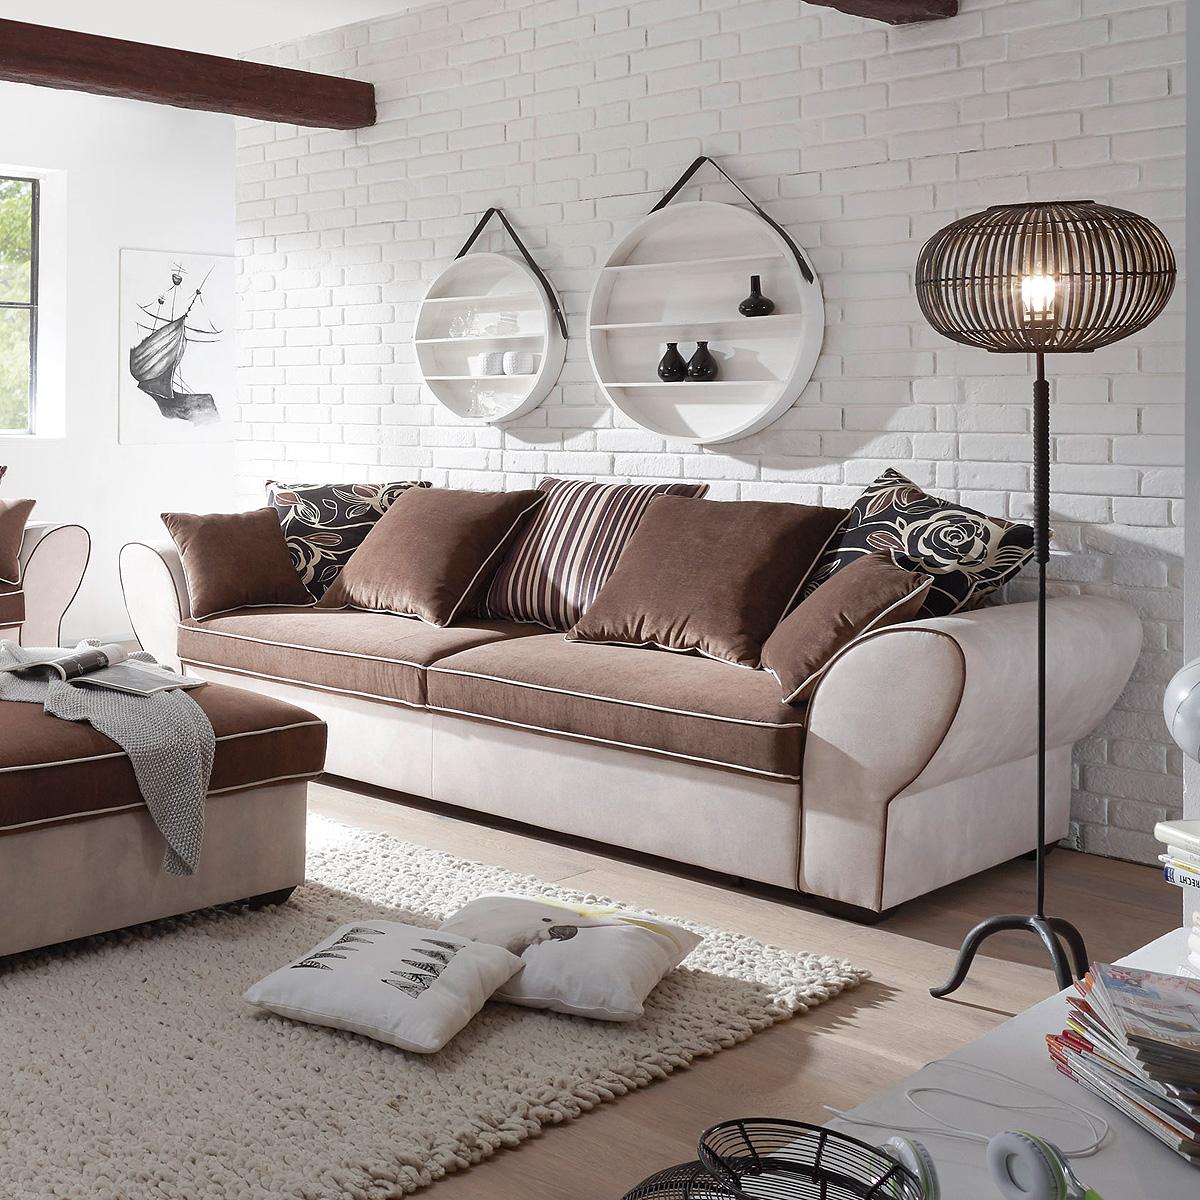 sofa 3 sitzer country polstersofa wohnzimmersofa beige braun mit funktion 267 ebay. Black Bedroom Furniture Sets. Home Design Ideas